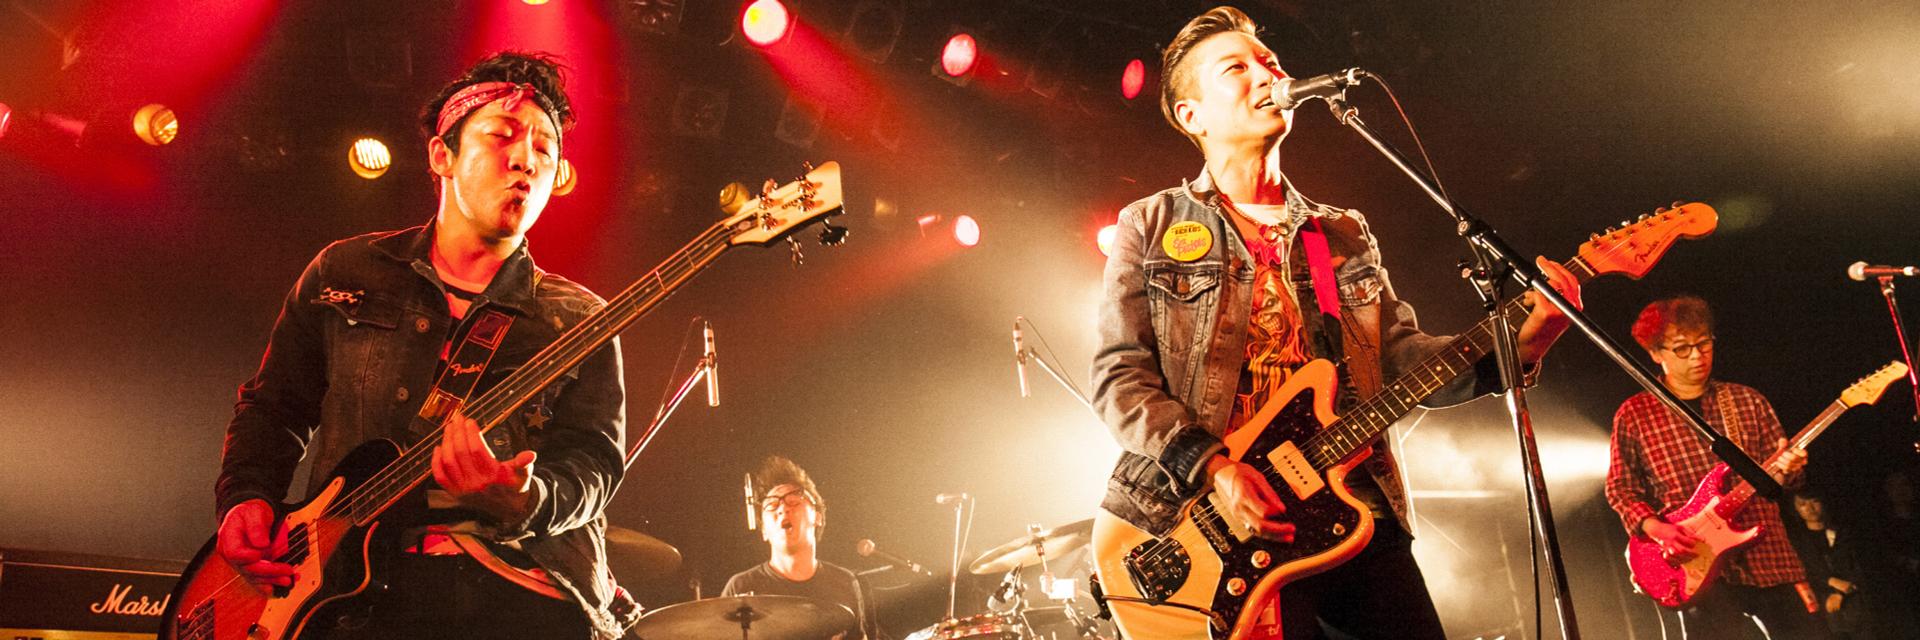 【後台專訪】 Dr.Martens 以音樂為名 Stand For Something Tour 號召港日韓經典樂團跳翻全場!#獨家分享音樂人最 Chill 歌單!